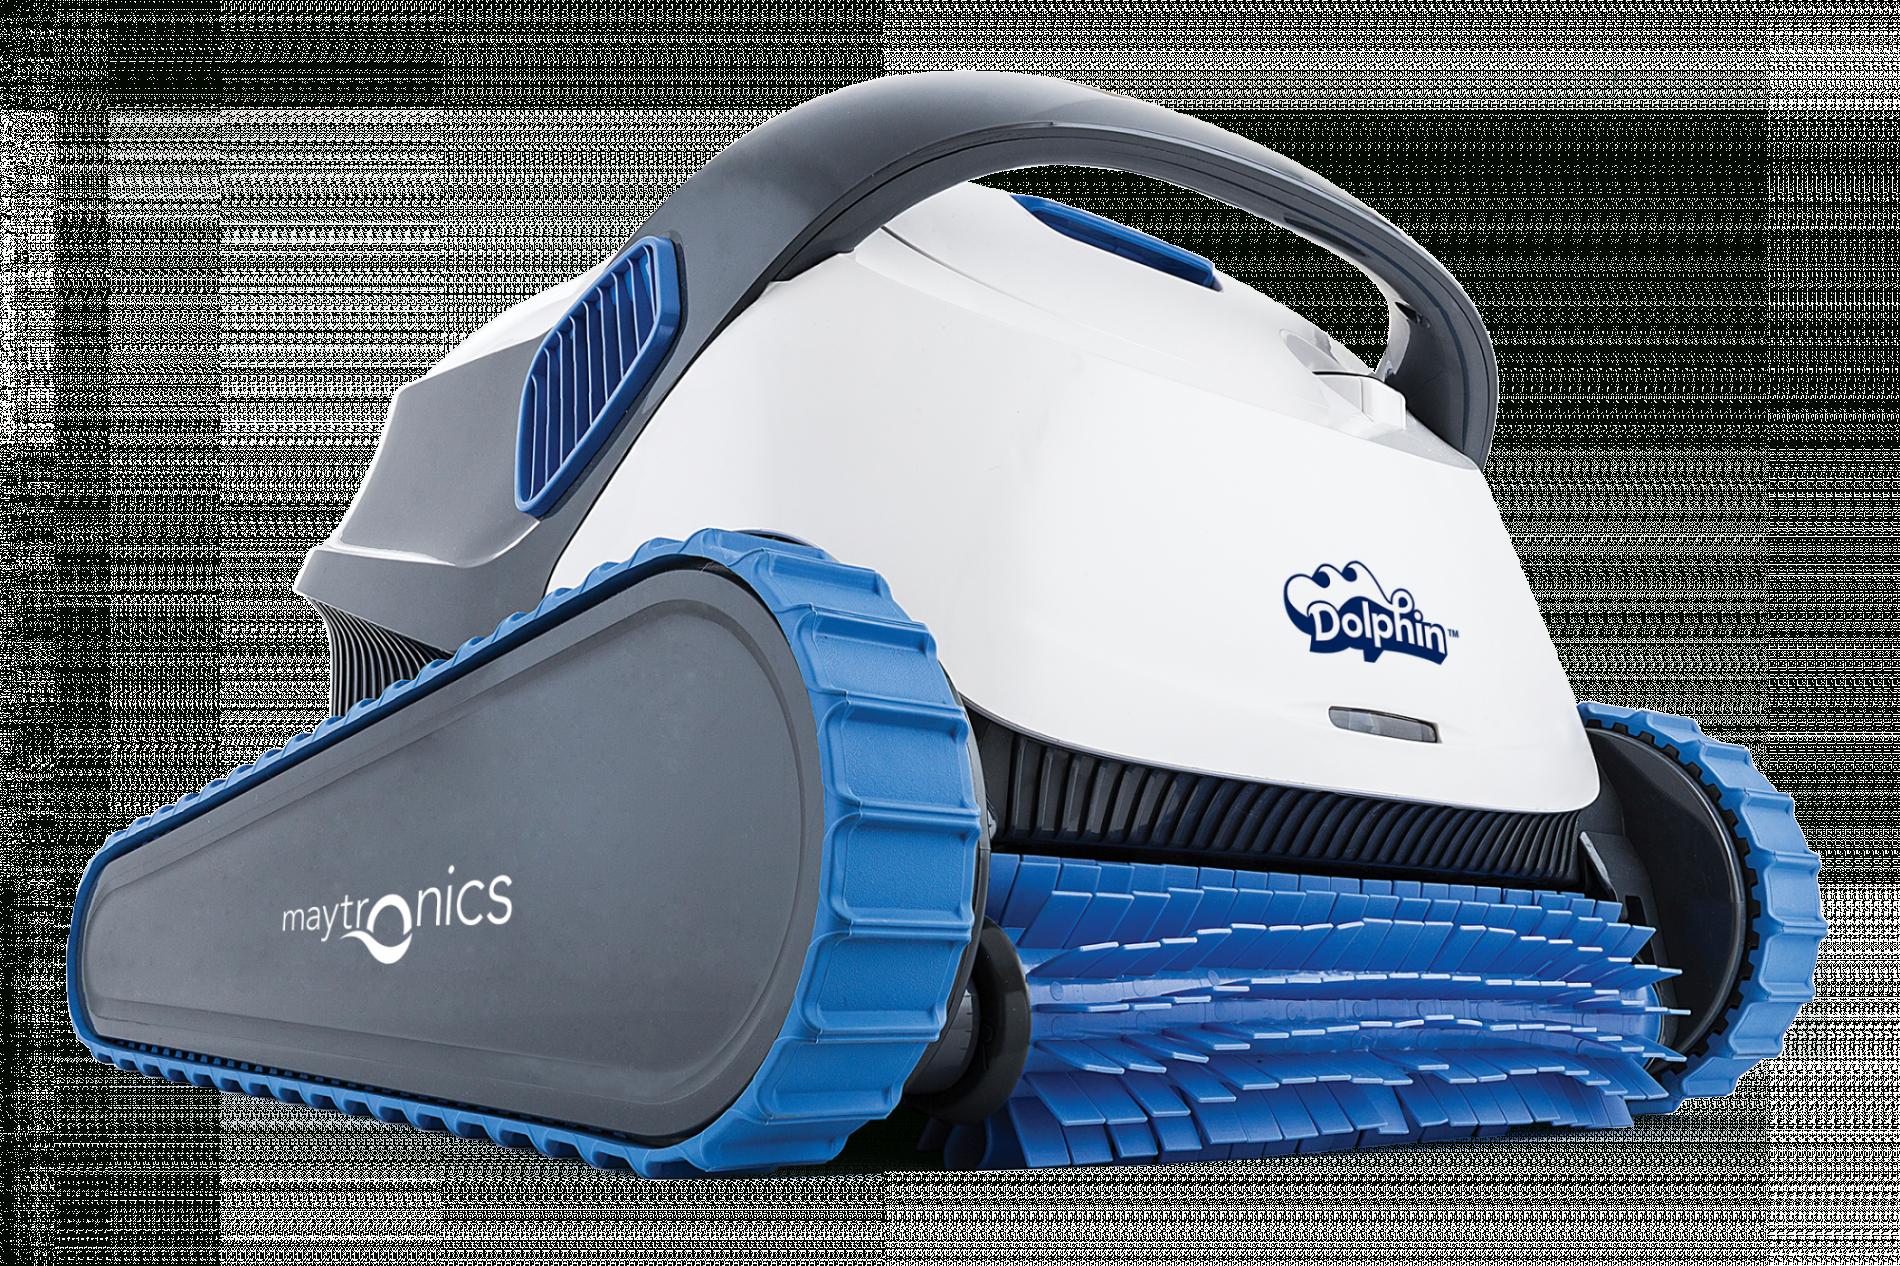 Robot Électrique Dolphin S300 Piscines-De-France.fr dedans Robot Piscine Dolphin S300